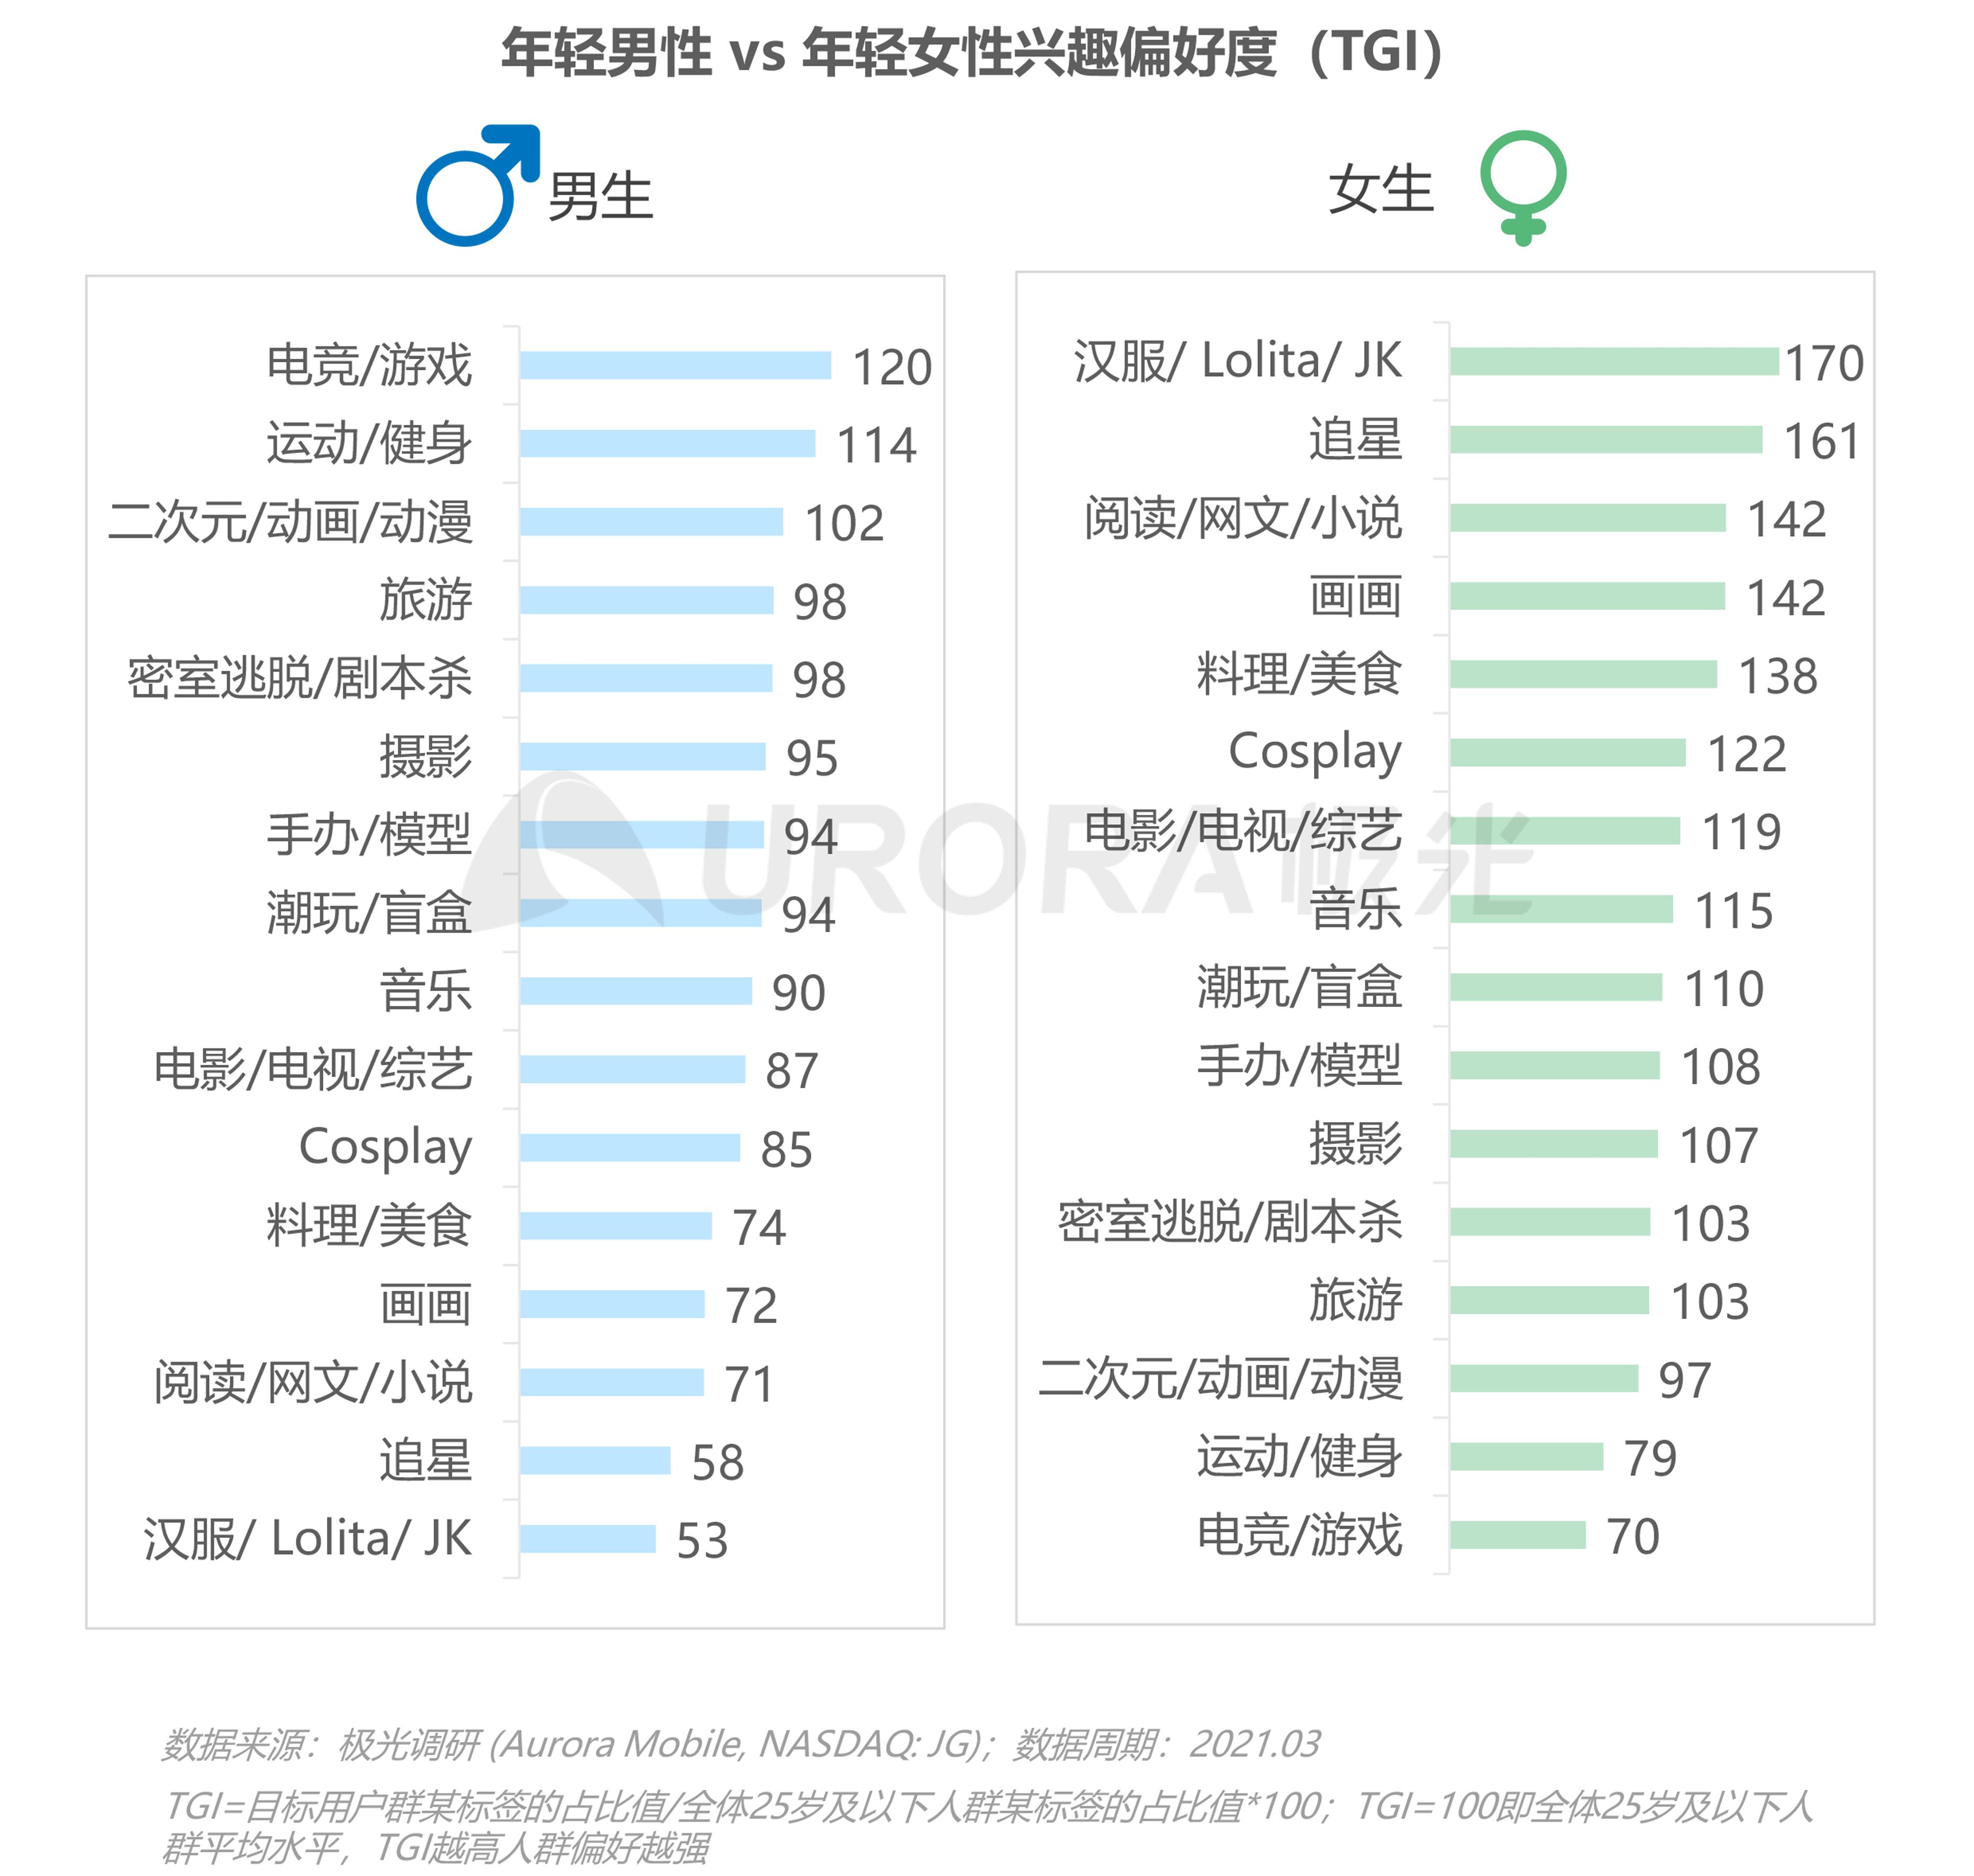 2021年轻人营销趋势研究报告【定稿】-49.png